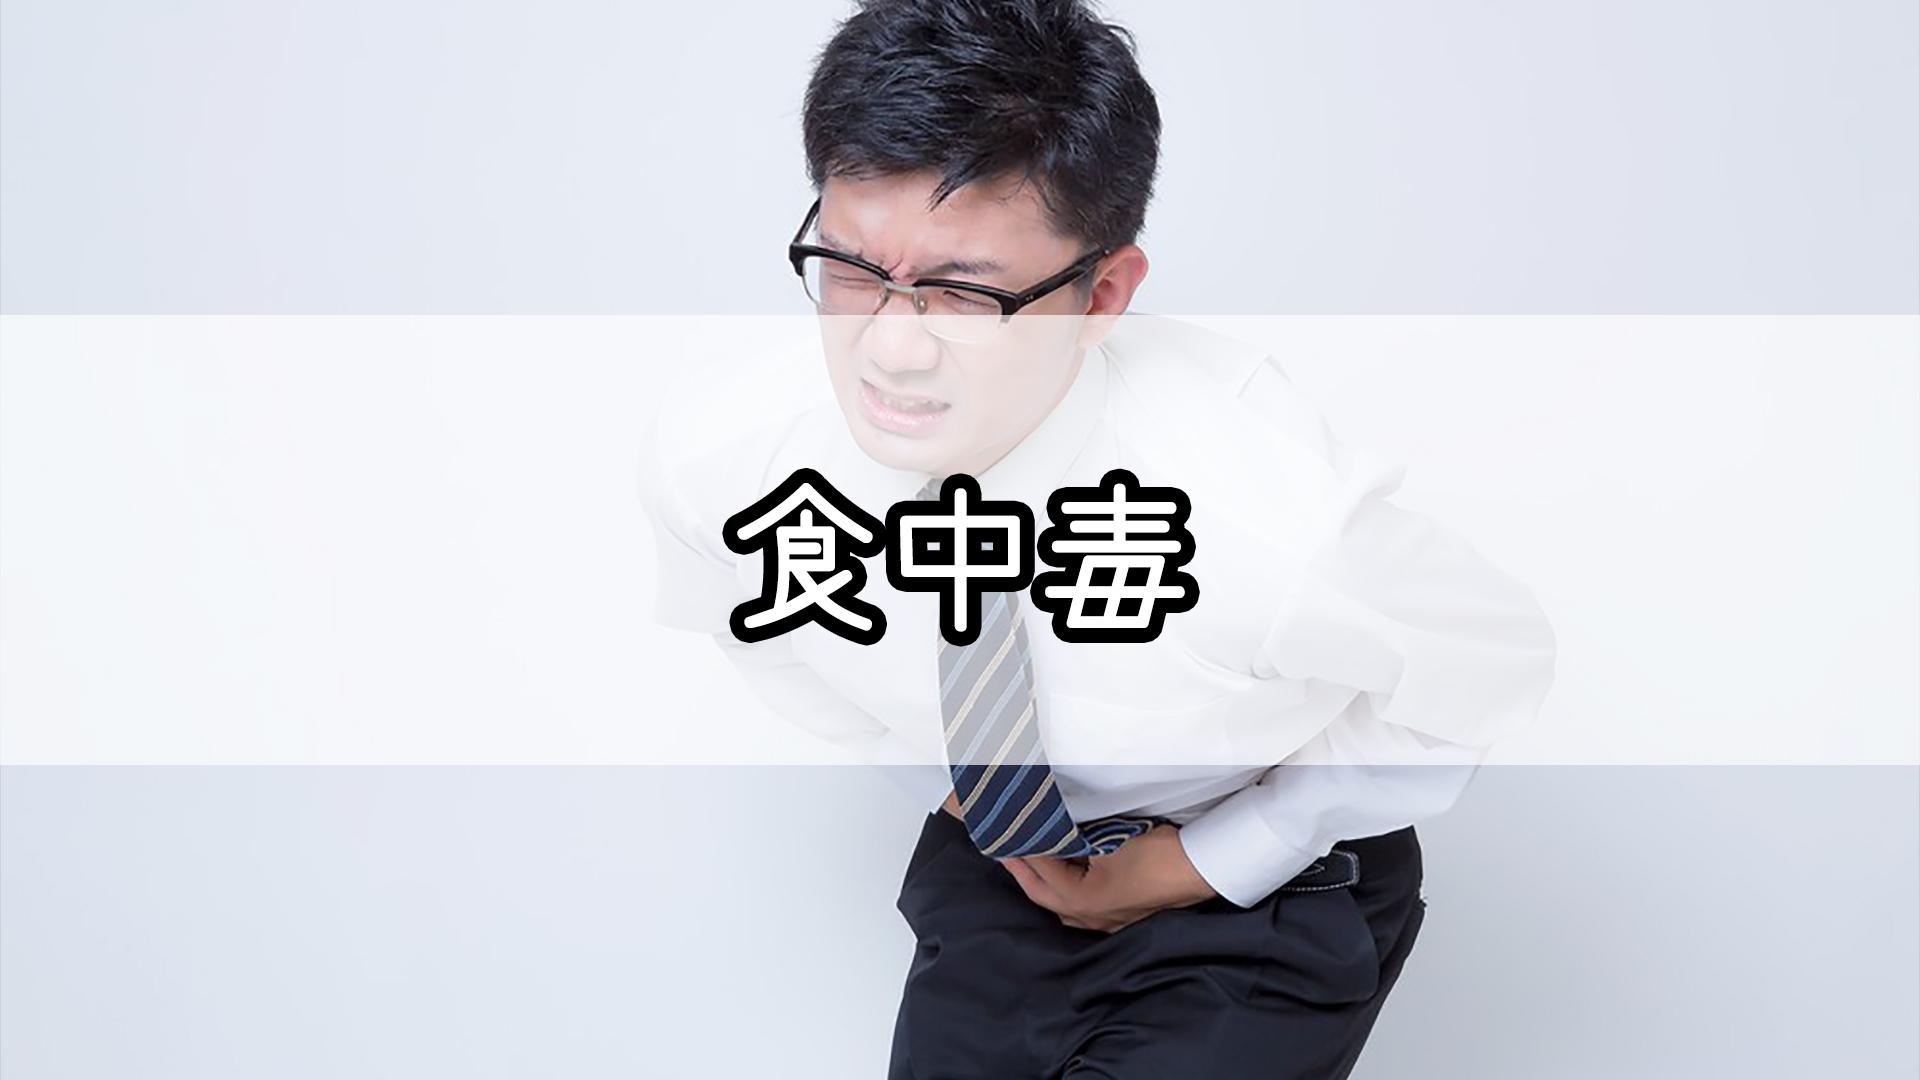 『食中毒』のゴロ・覚え方